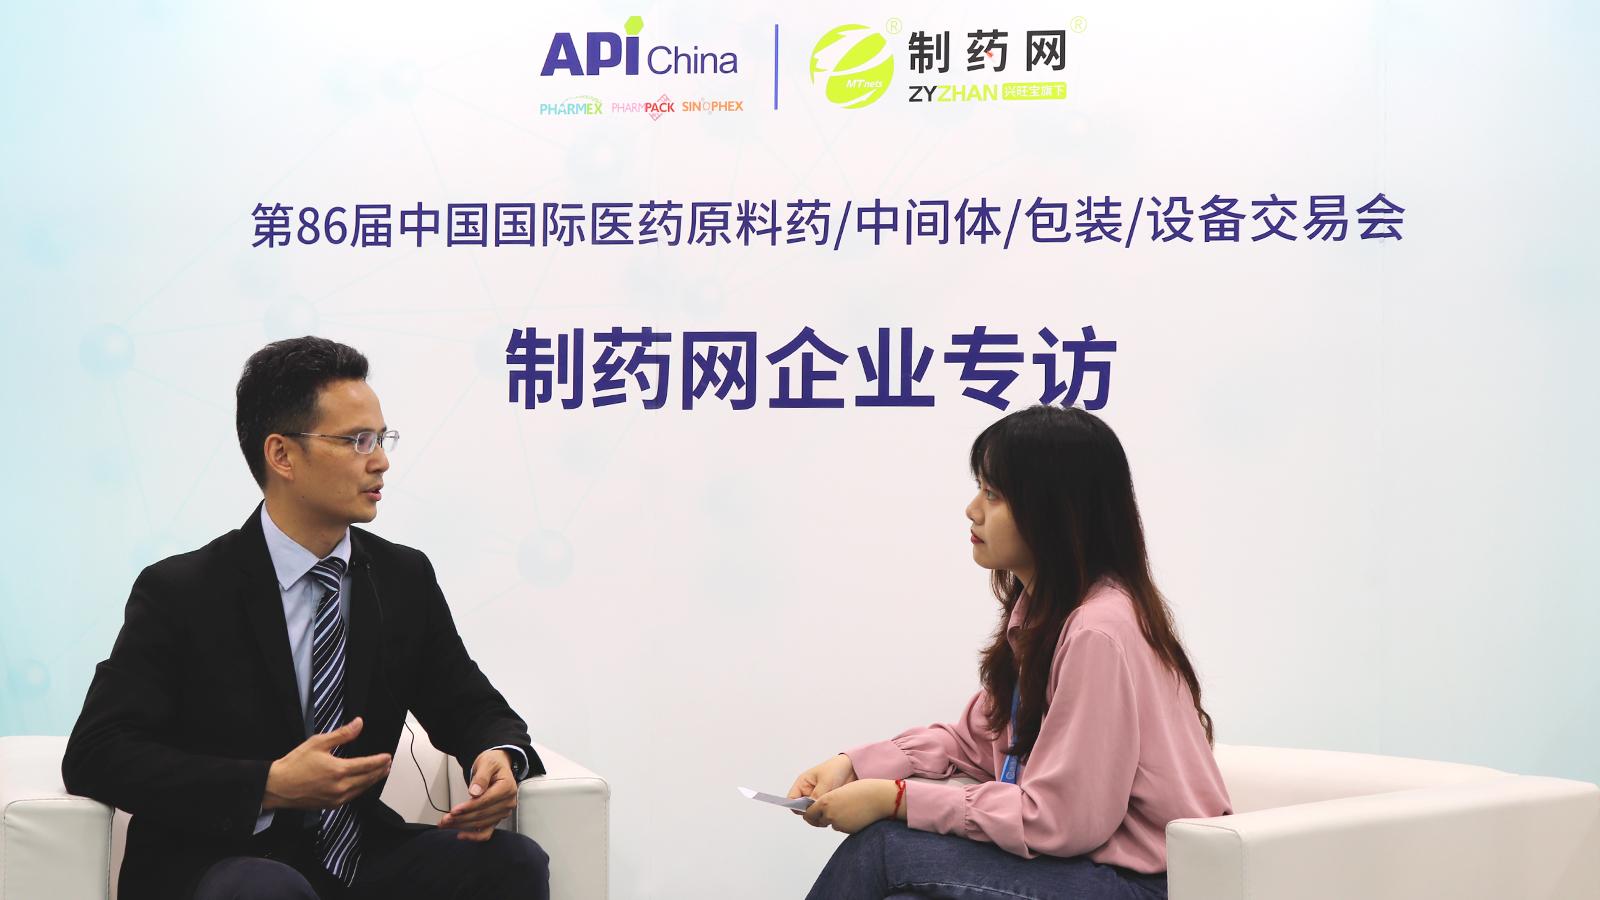 专访康宁反应器技术有限公司技术中心主任伍辛军博士